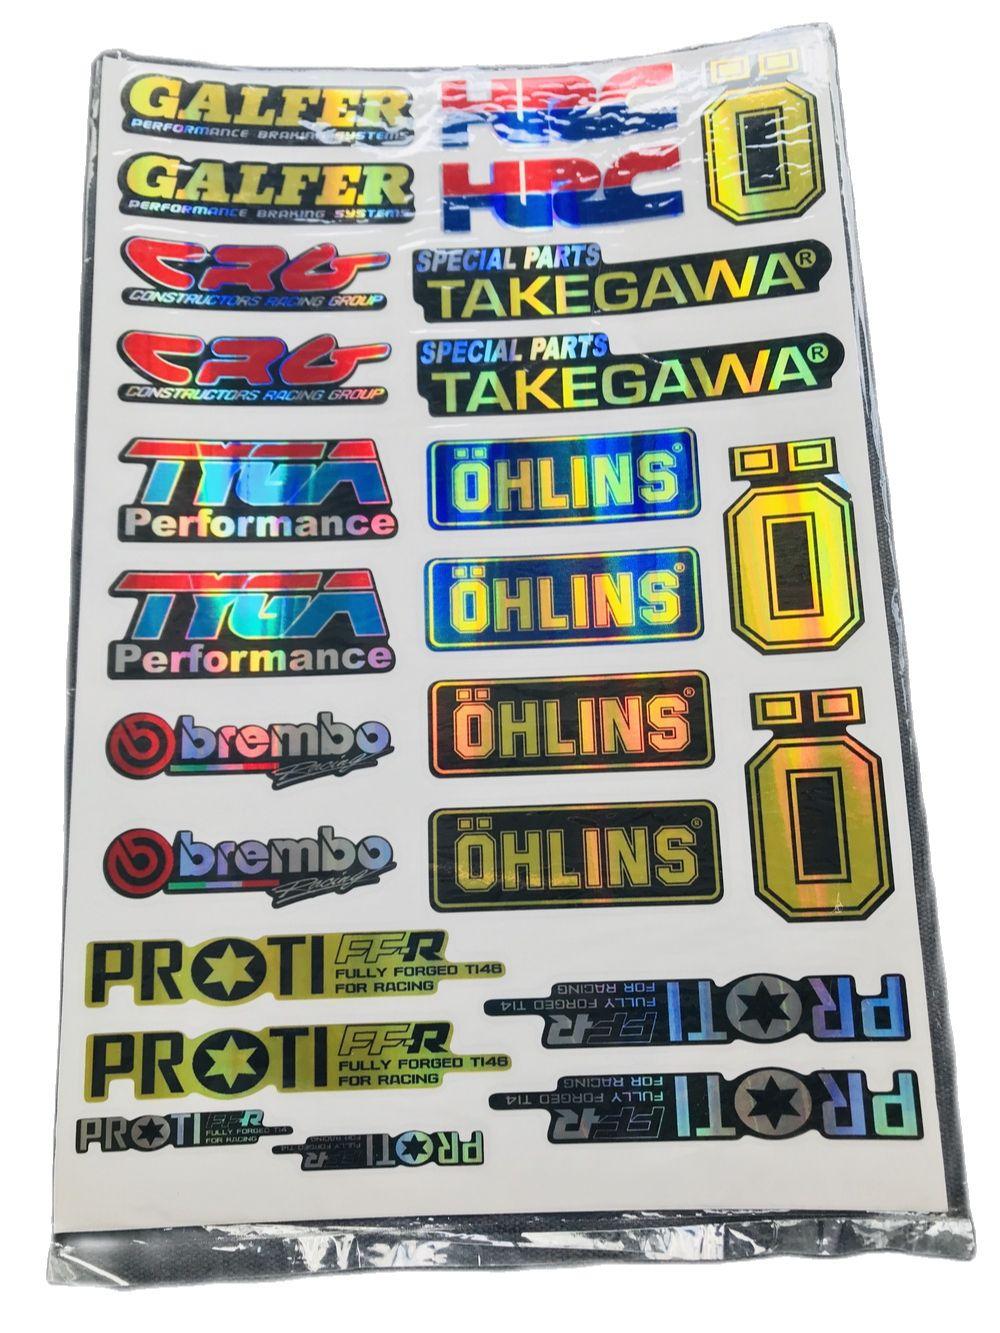 Bộ tem logo, tem crom bóng nhiều kiểu (mẫu 1) dán các loại xe máy, tem crom phũ keo bóng ít bay màu theo thời gian